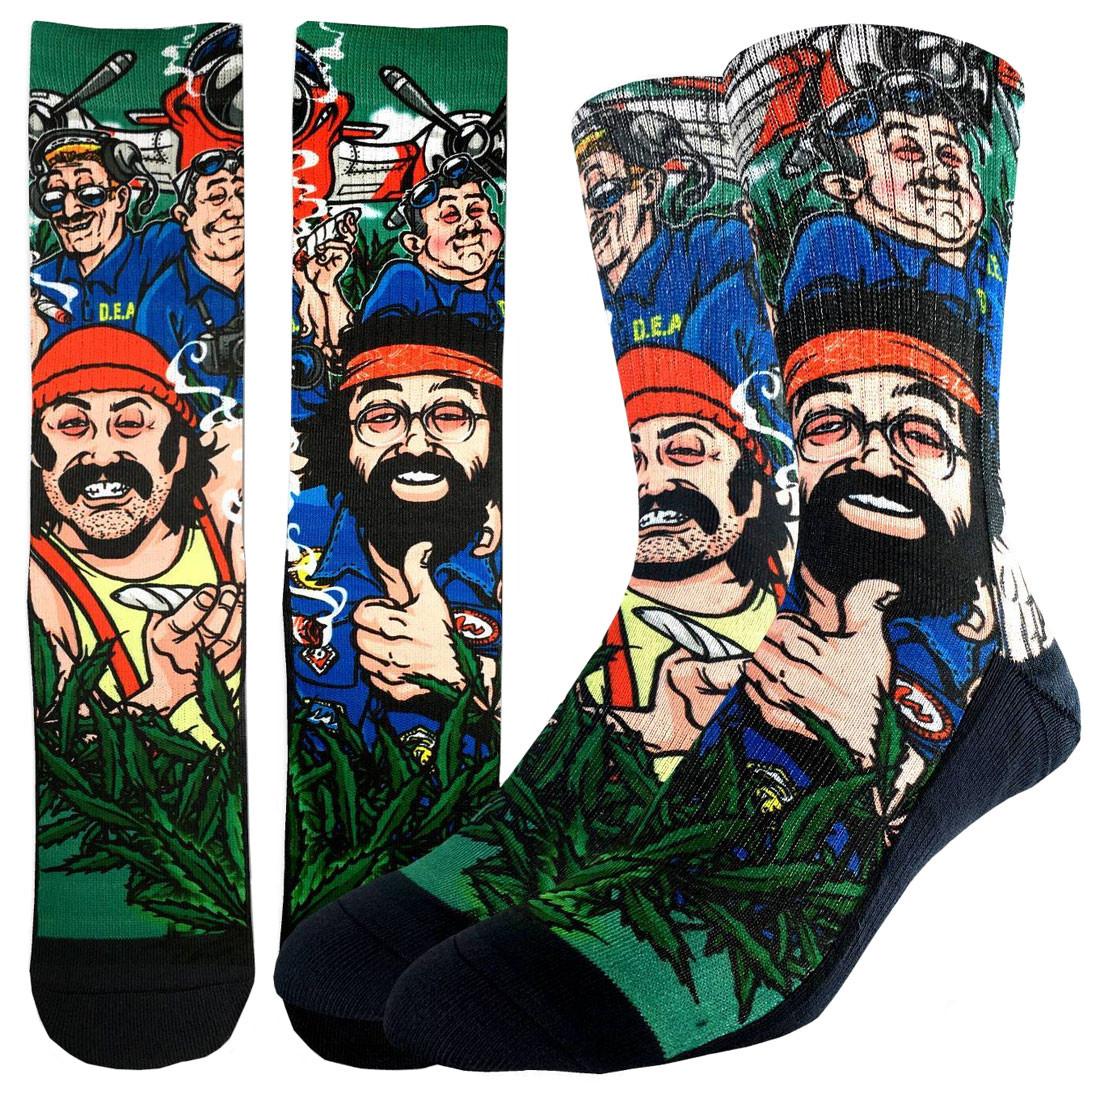 Men's Crew Socks Cheech & Chong DEA